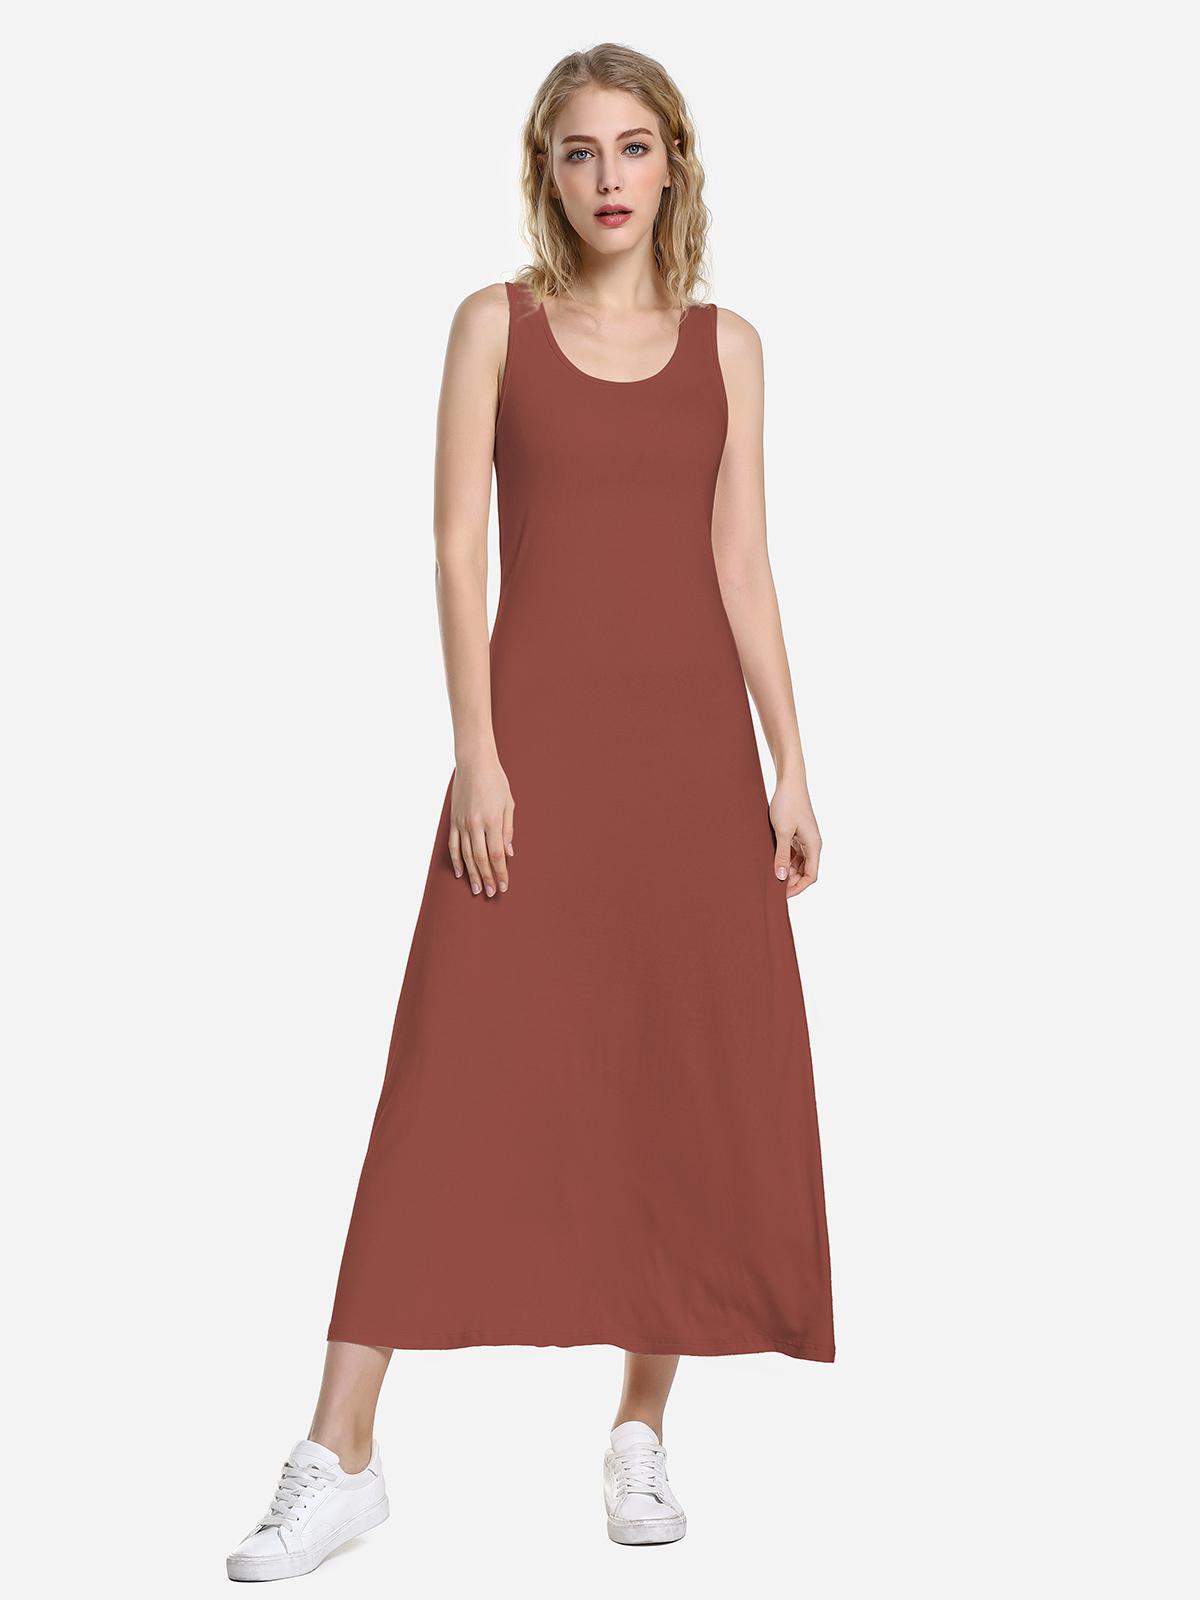 ZAN.STYLE Round Neck Vest Dress